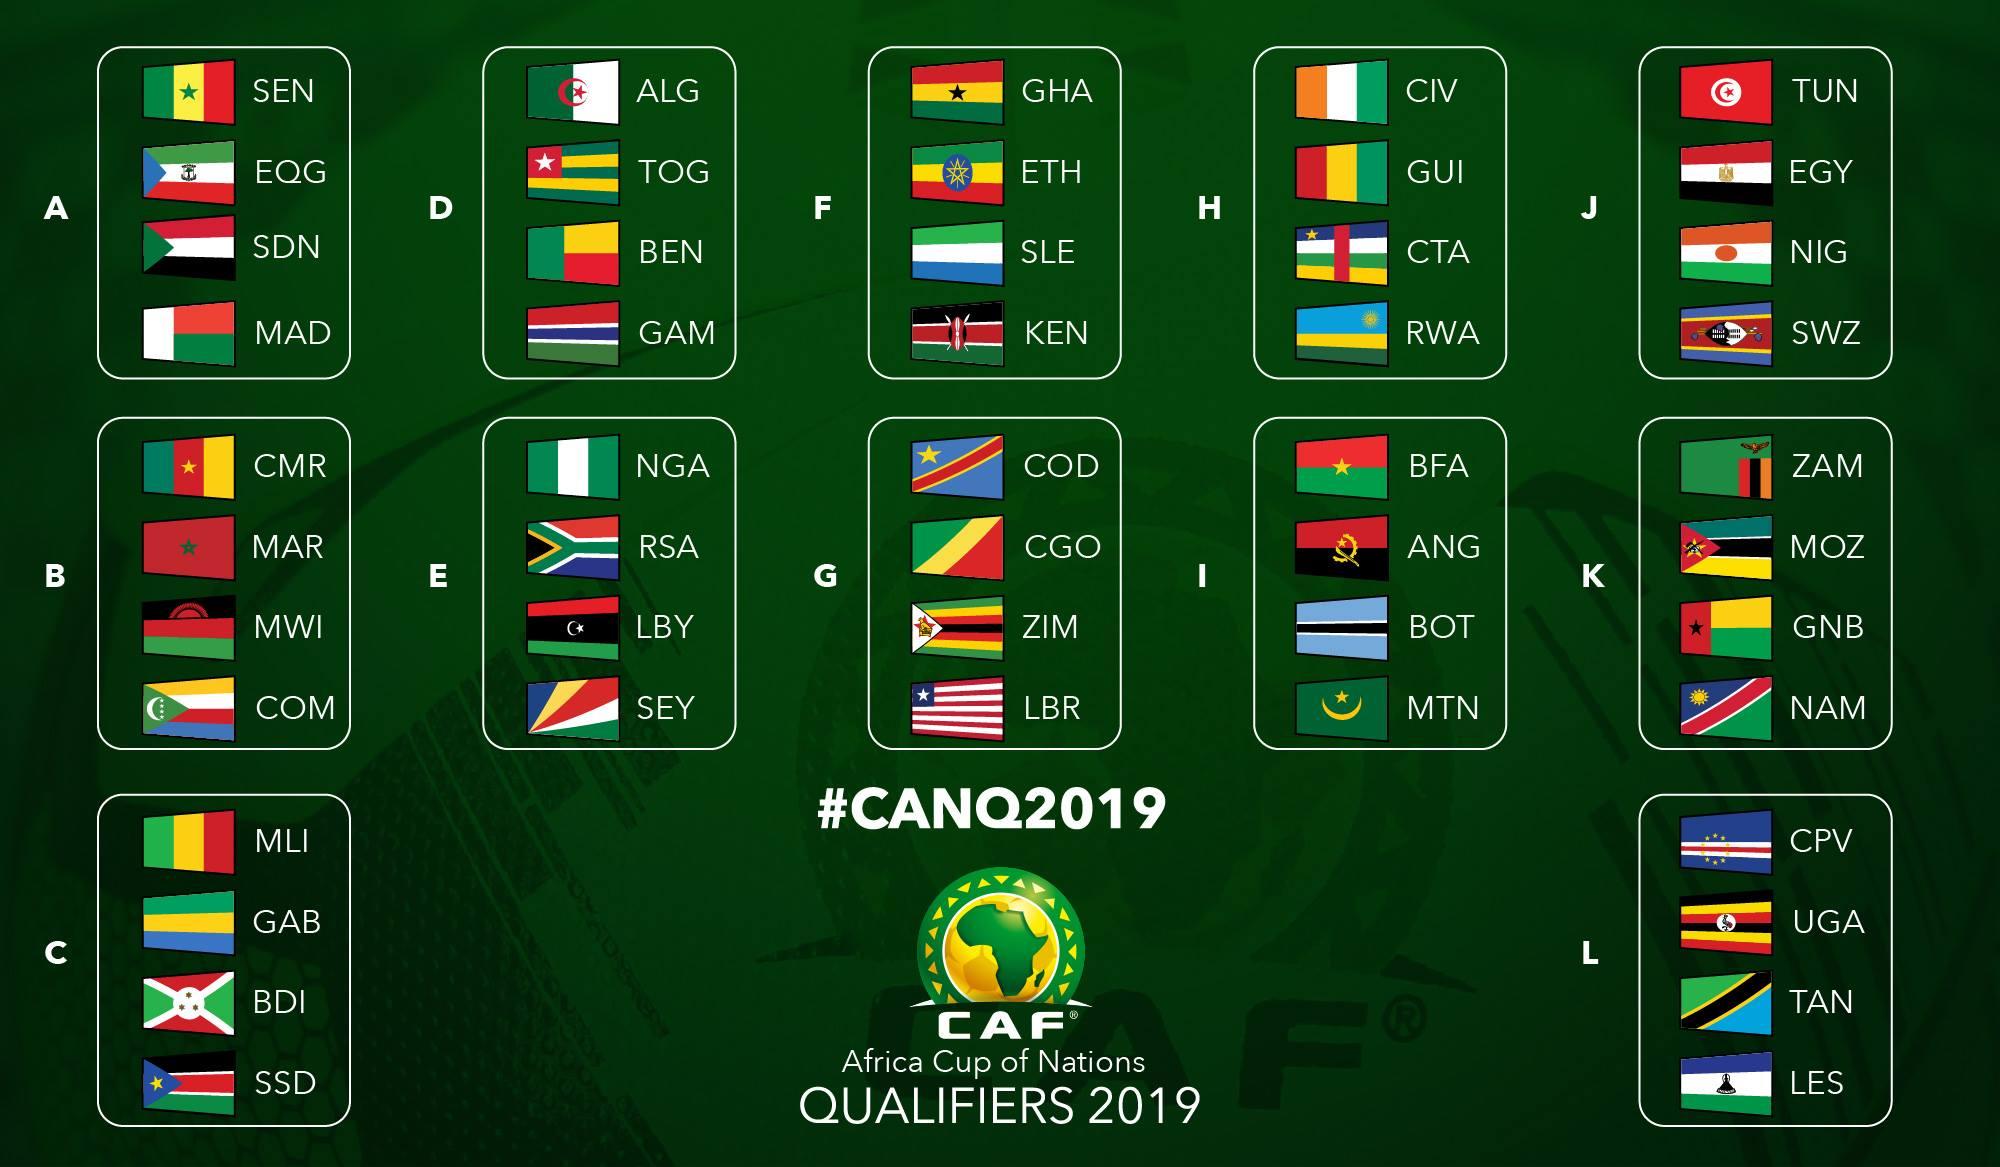 خسارة المغرب وزامبيا ونيجيريا في تصفيات كأس الأمم الأفريقية